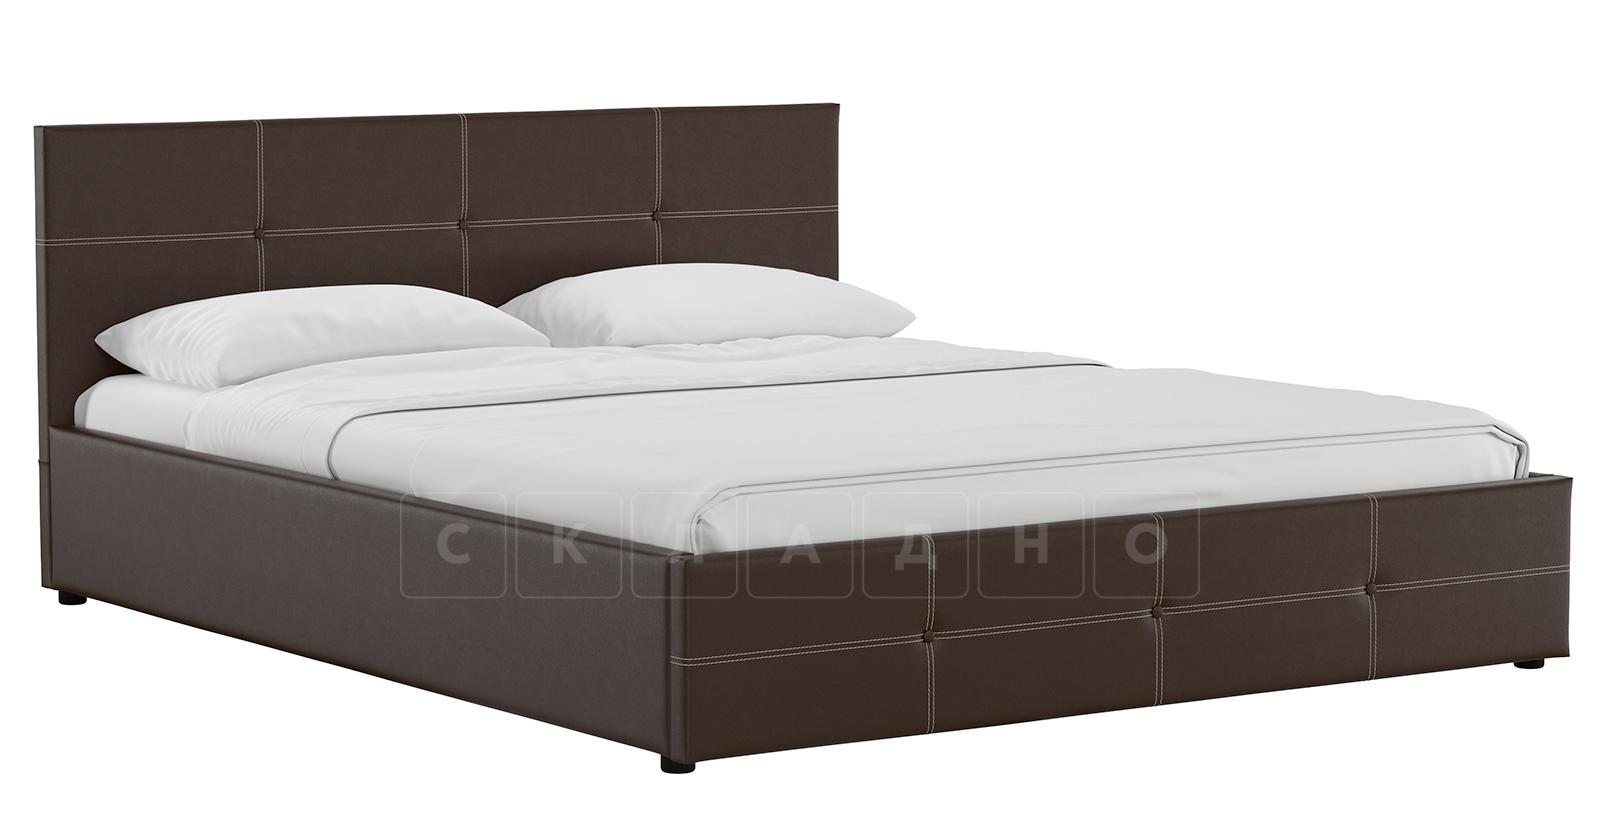 Мягкая кровать Синди 160 см шоколад без подъемного механизма фото 1 | интернет-магазин Складно